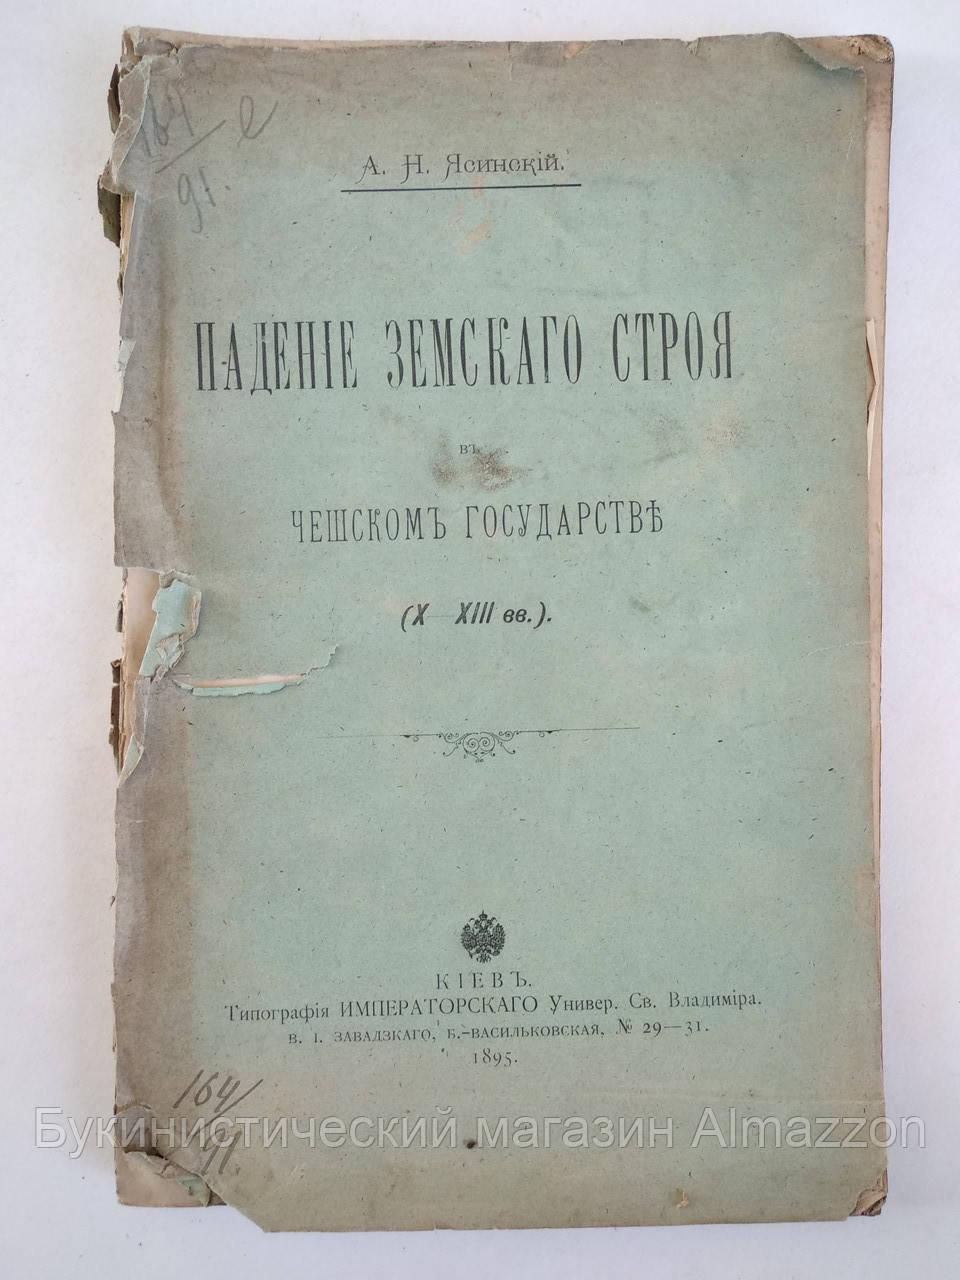 1895 Падение земского строя в Чешском государстве А.Ясинский. Дарственная надпись от автора Деревицкому